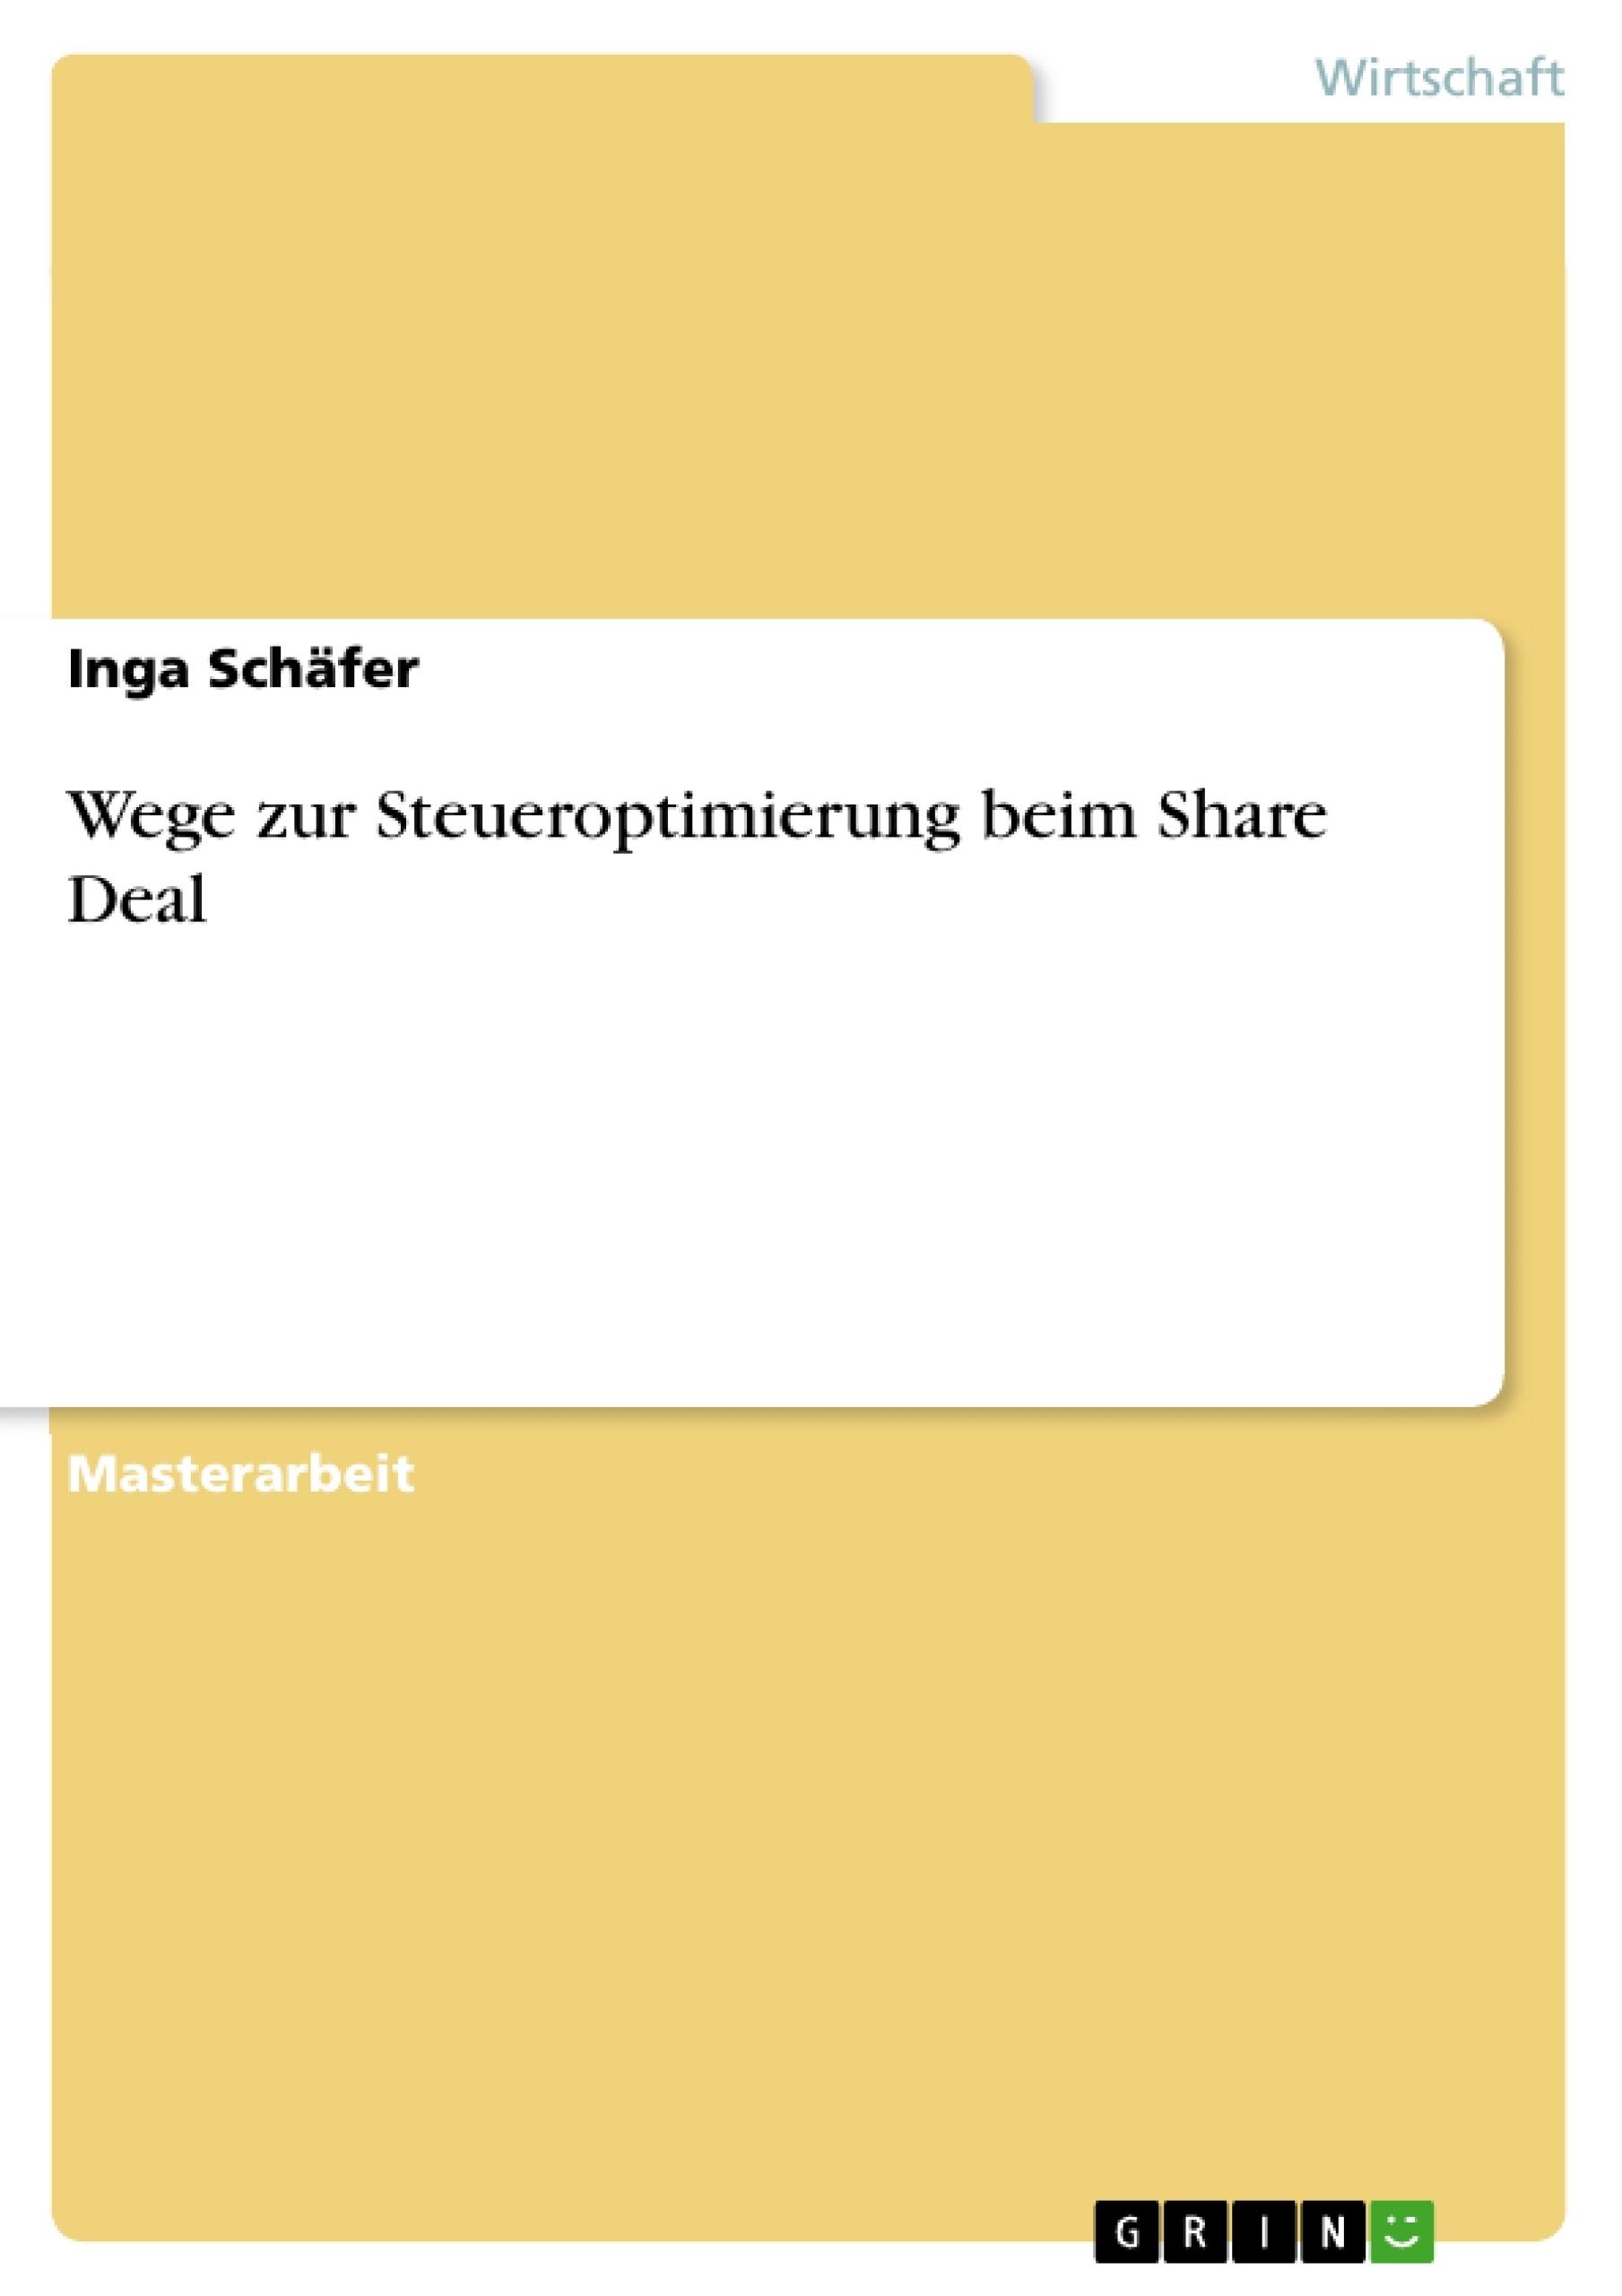 Titel: Wege zur Steueroptimierung beim Share Deal